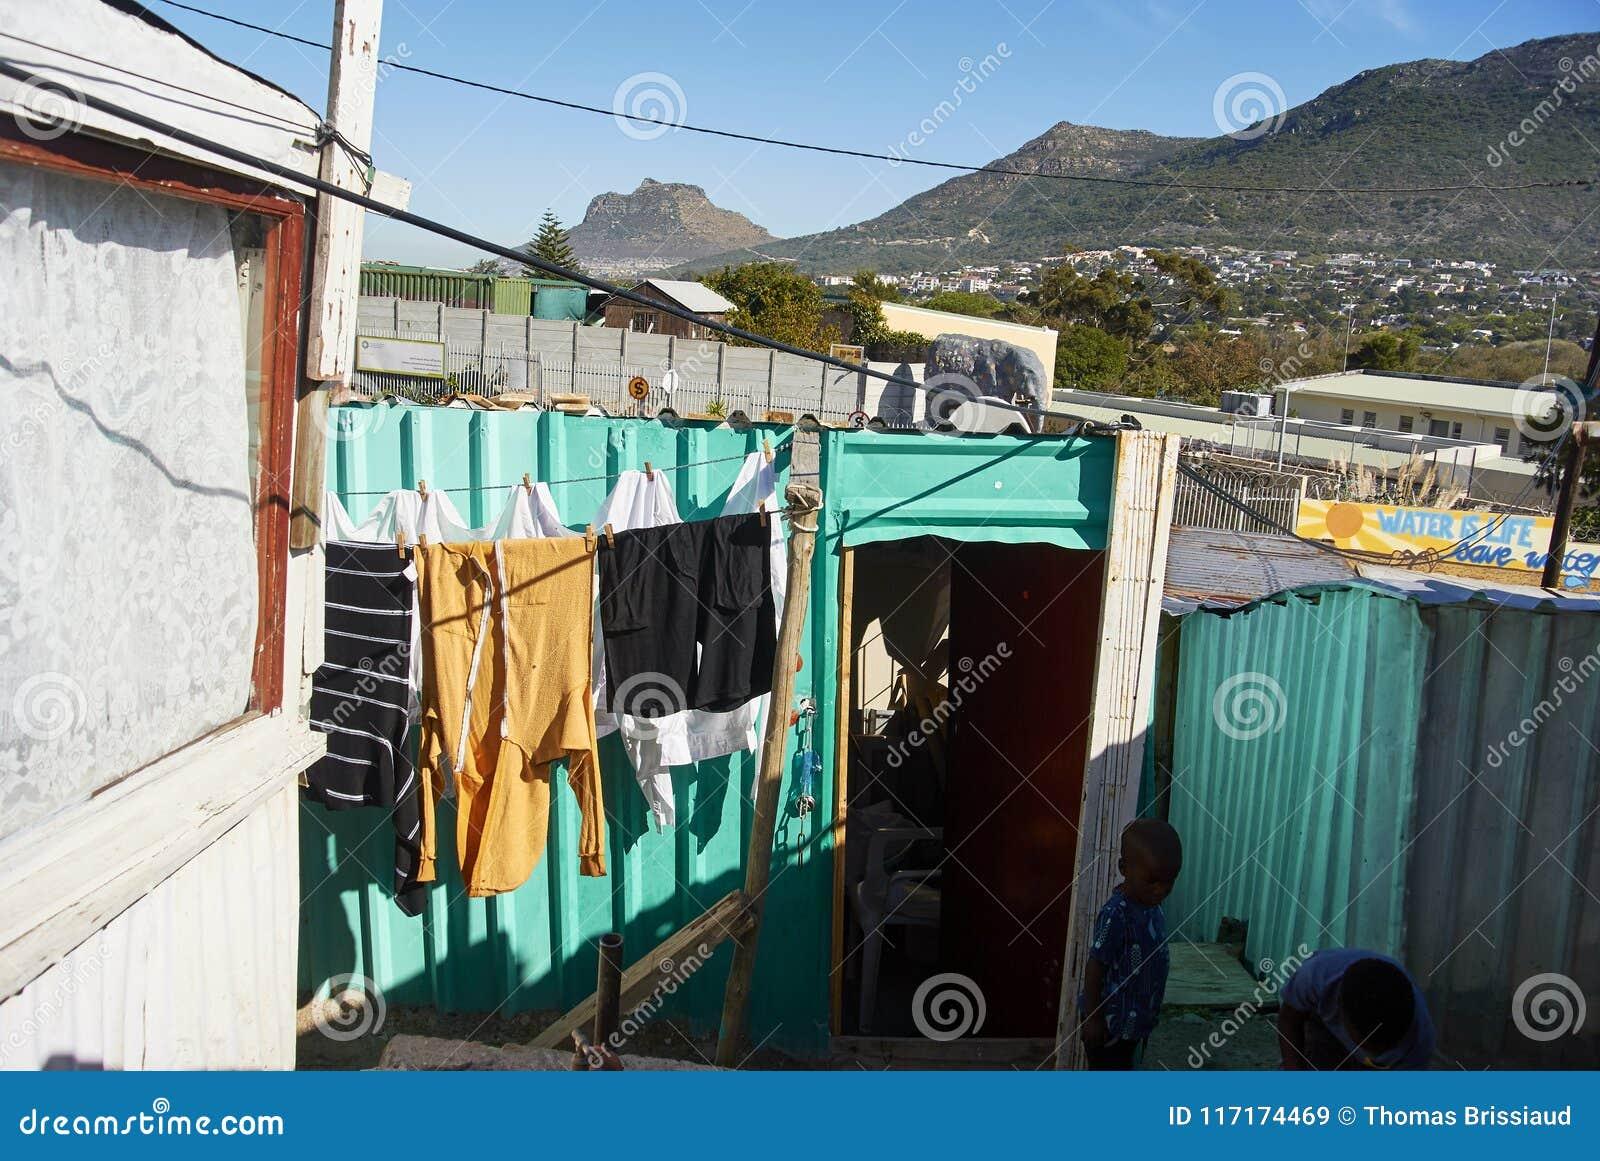 Посёлок Imizamo Yethu в Южной Африке